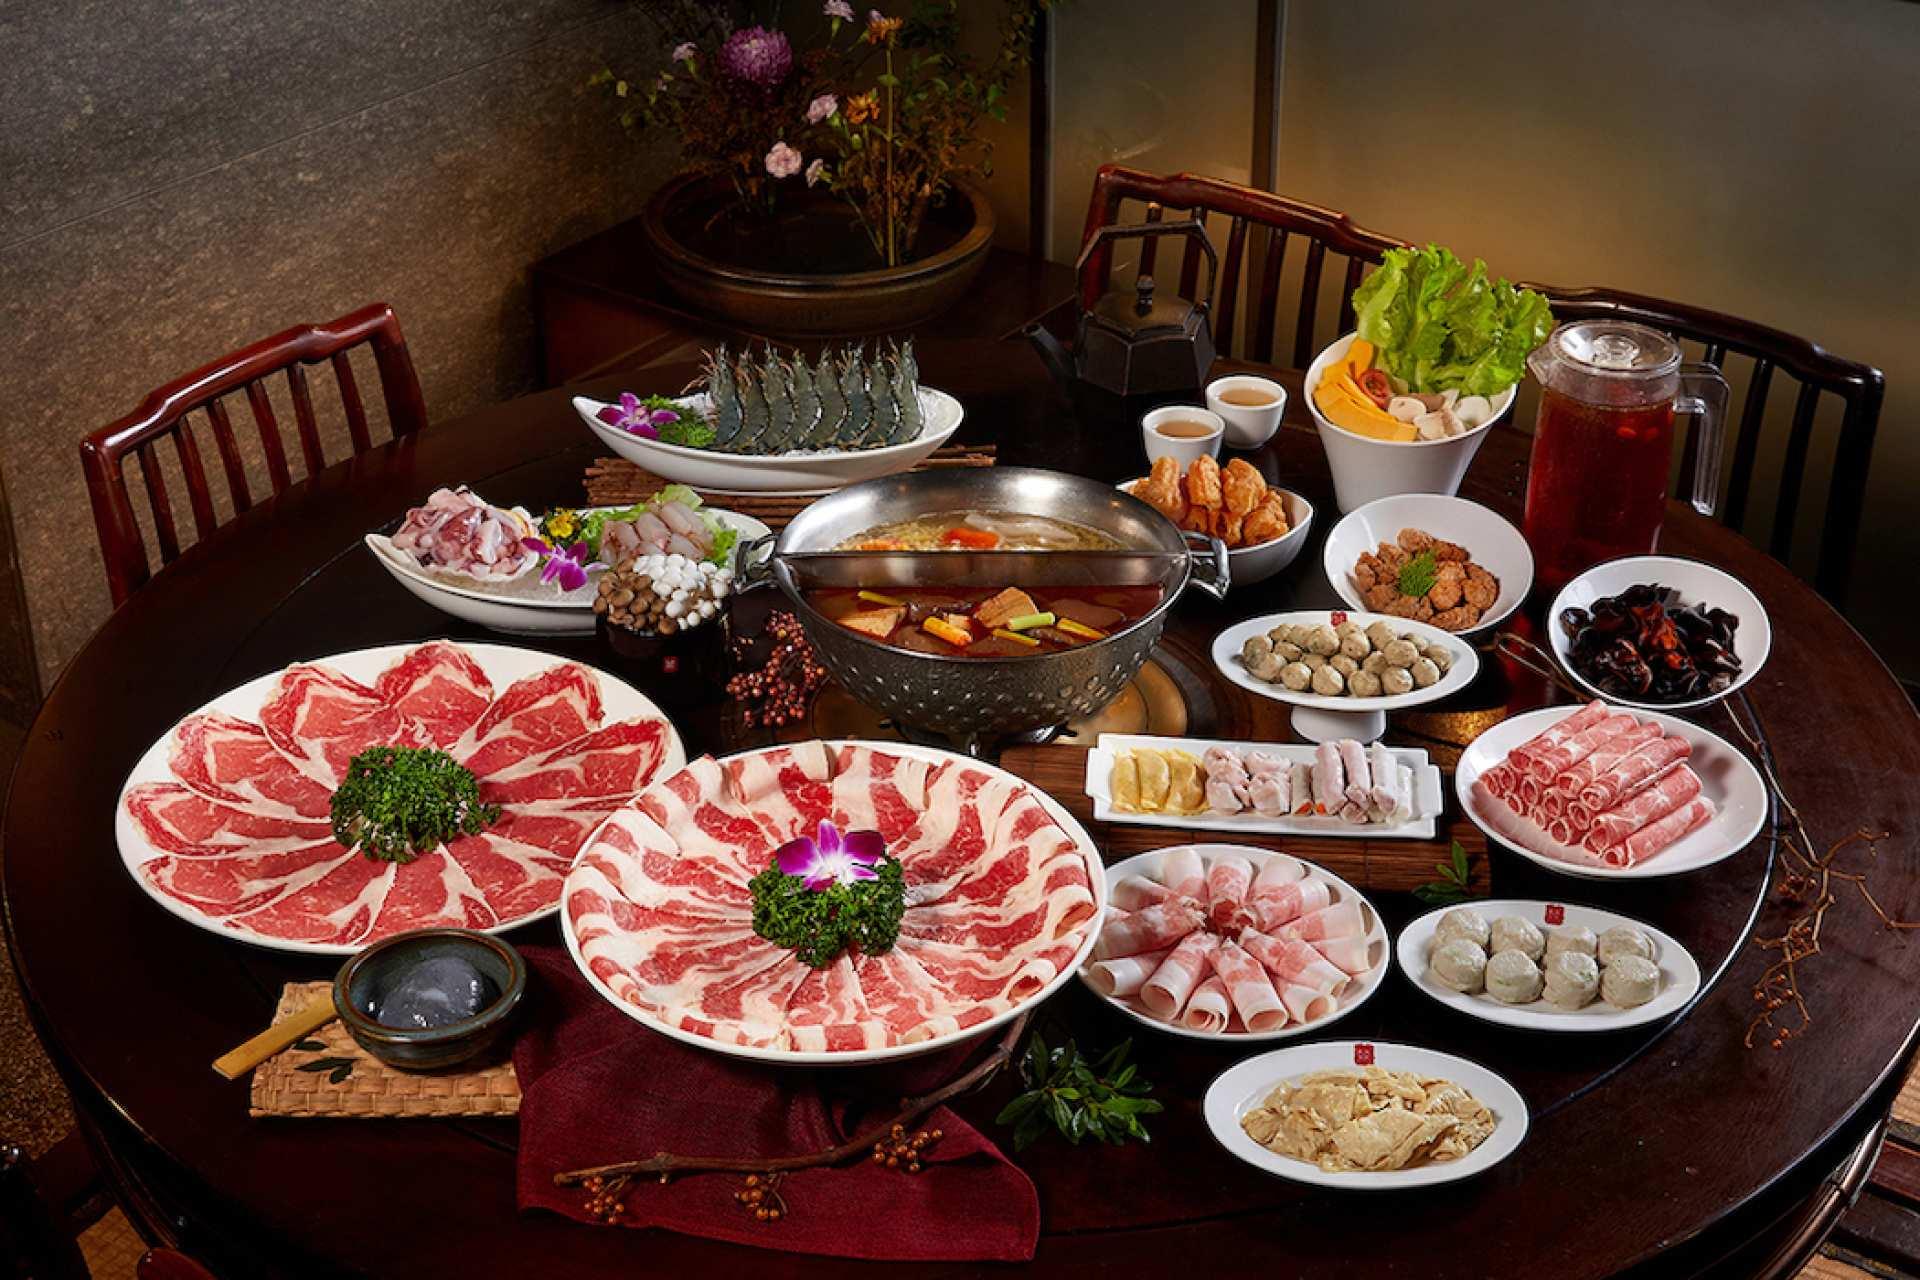 【台灣經典鍋物】鼎王麻辣鍋、酸菜白肉鍋 ・ 二人四人六人套餐